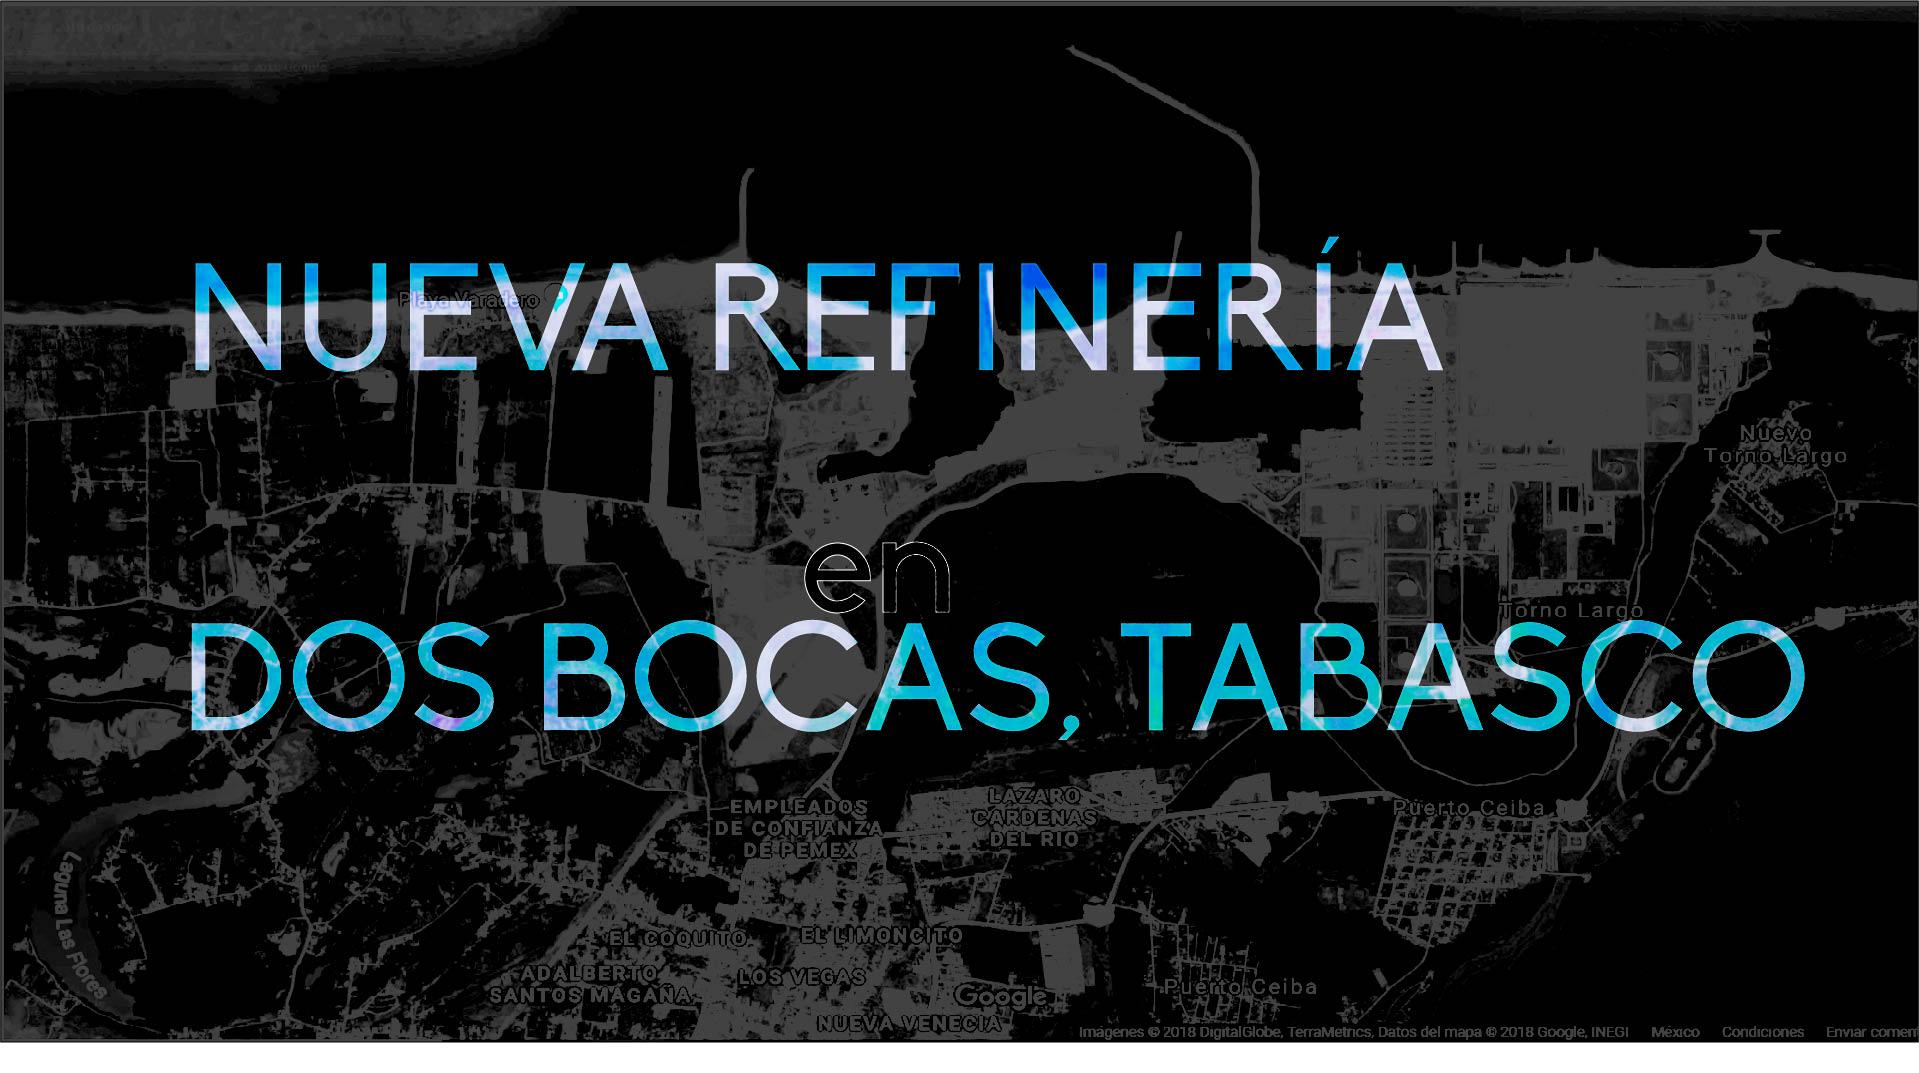 DATOS SOBRE LA NUEVA REFINERÍA DOS BOCAS EN TABASCO